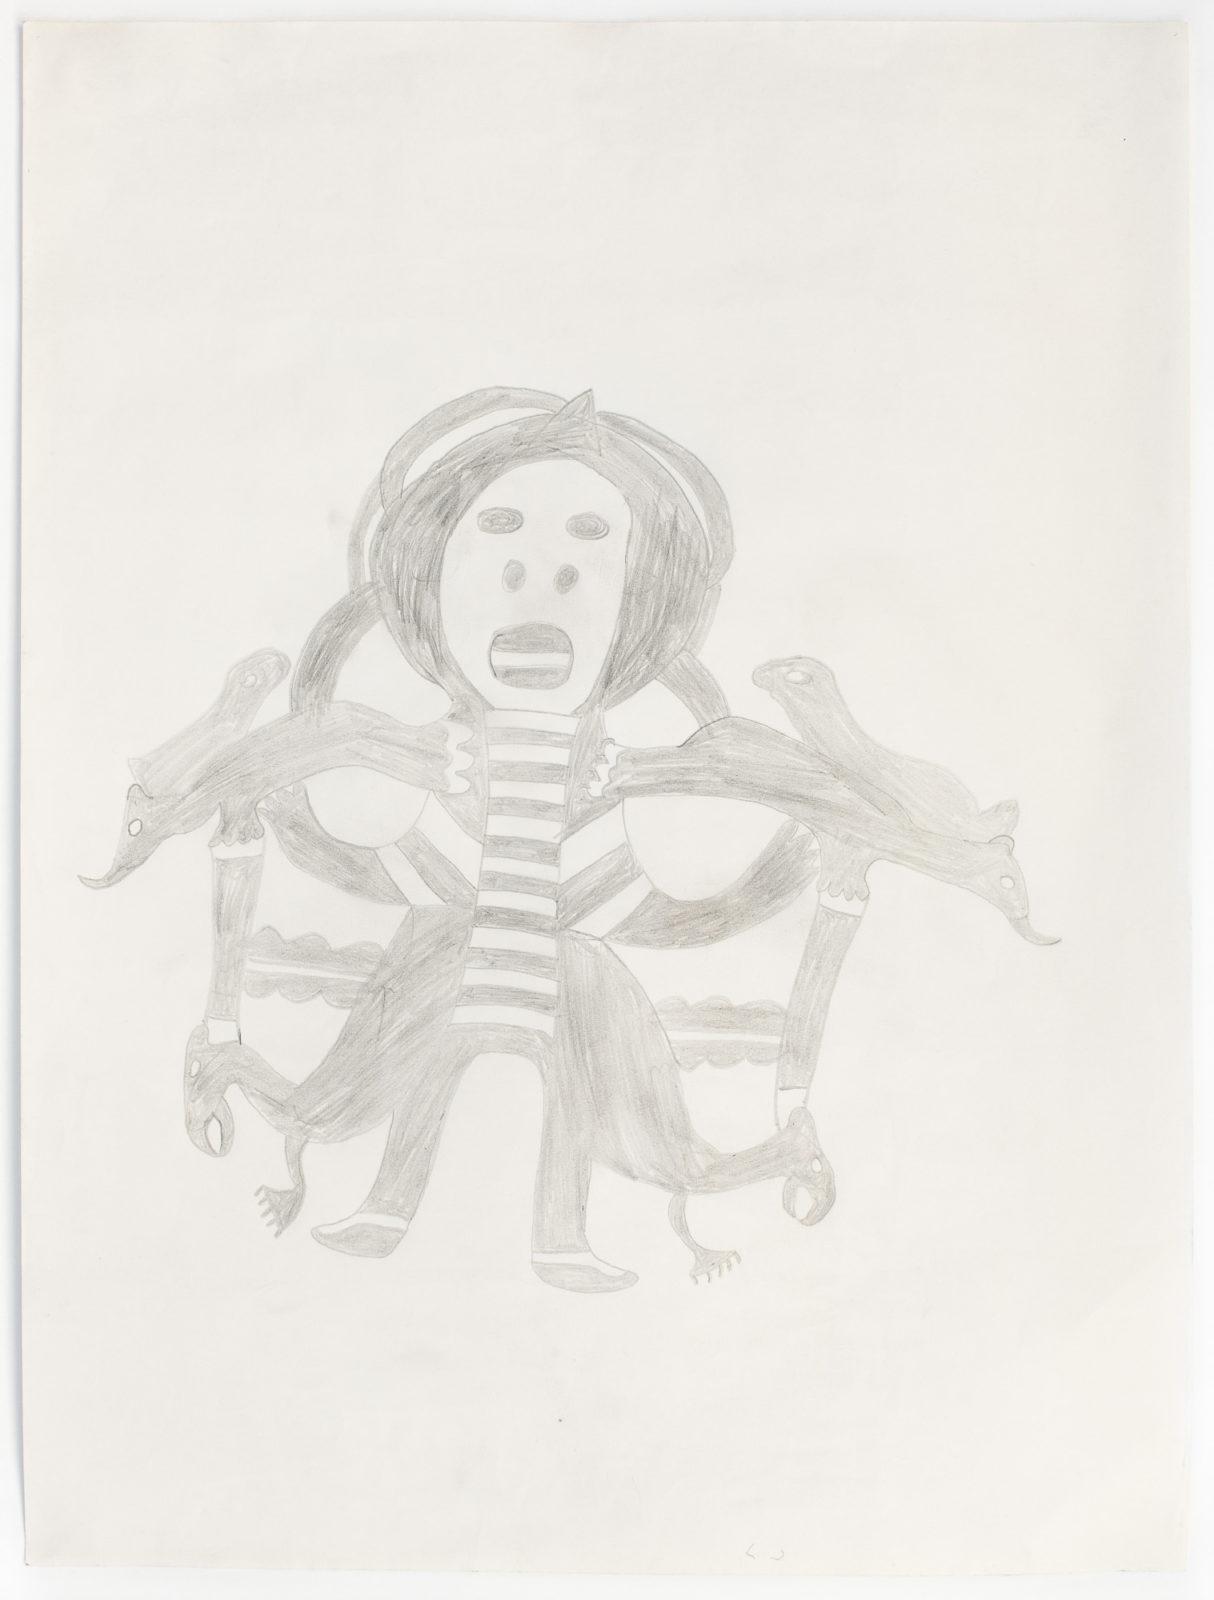 Pudlo Pudlat - untitled (fantasy figure)